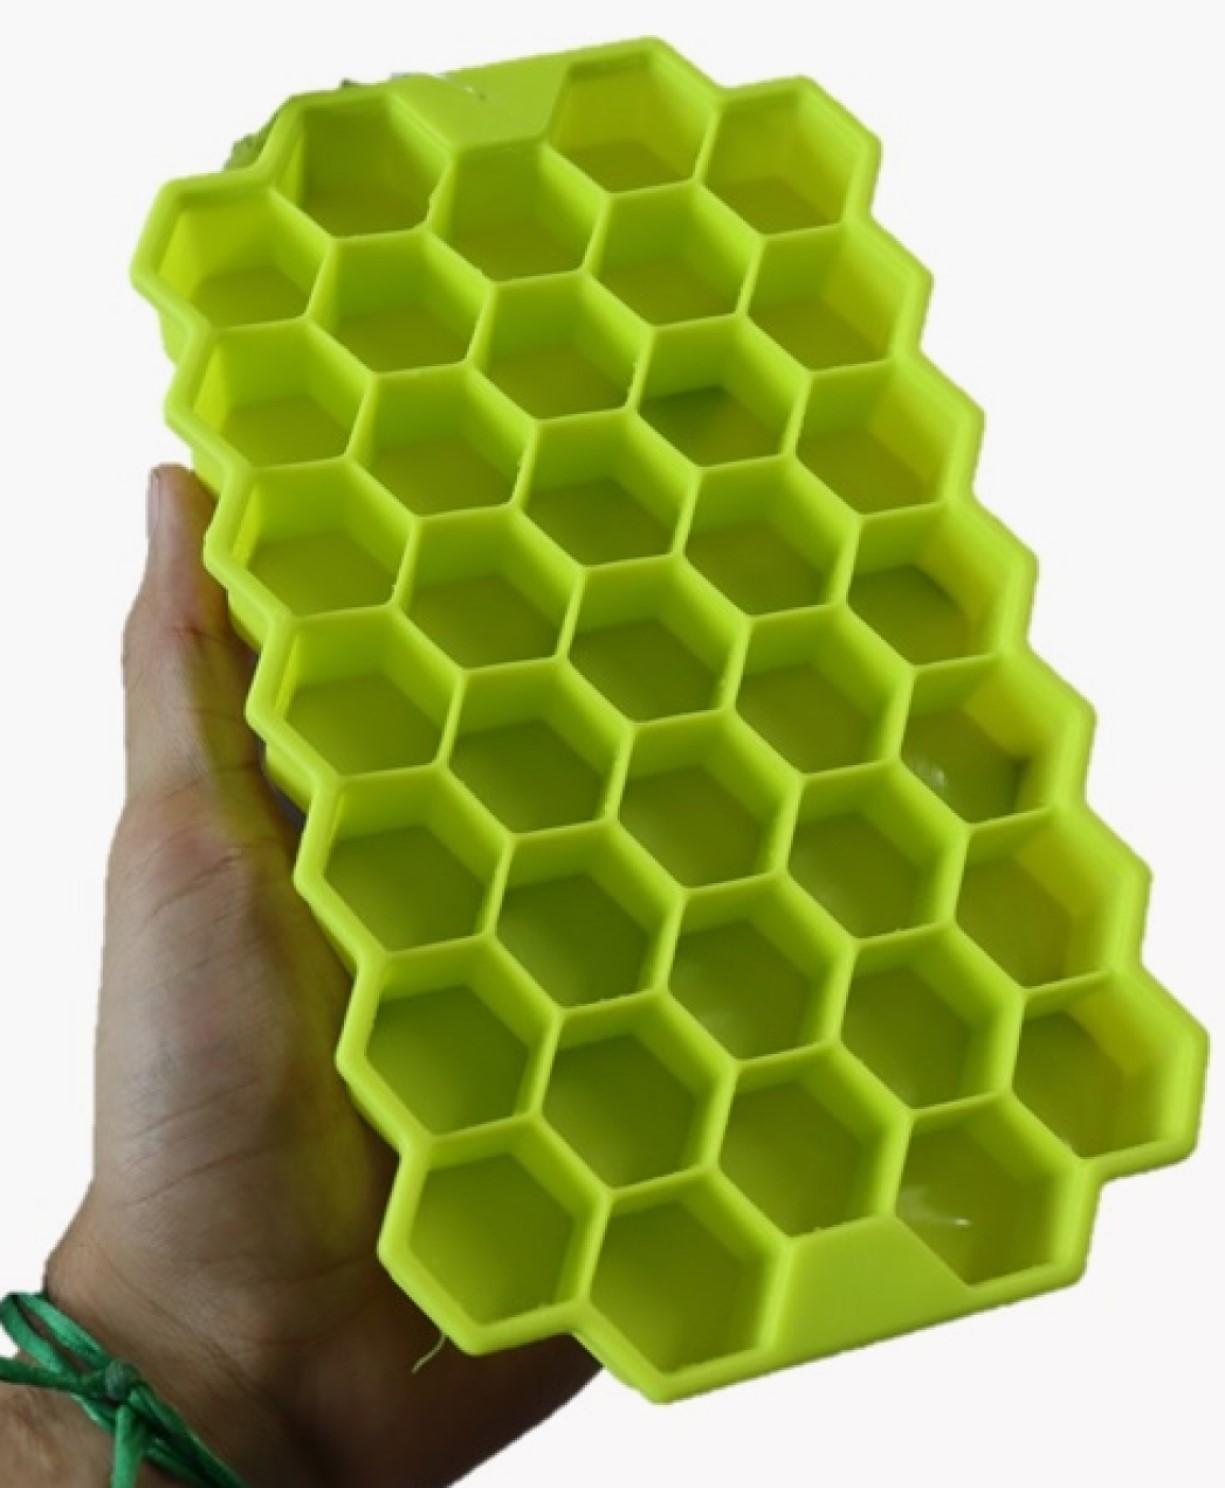 forma de gelo silicone papinha 37 cubos verde sem bpa forminhas para gelo